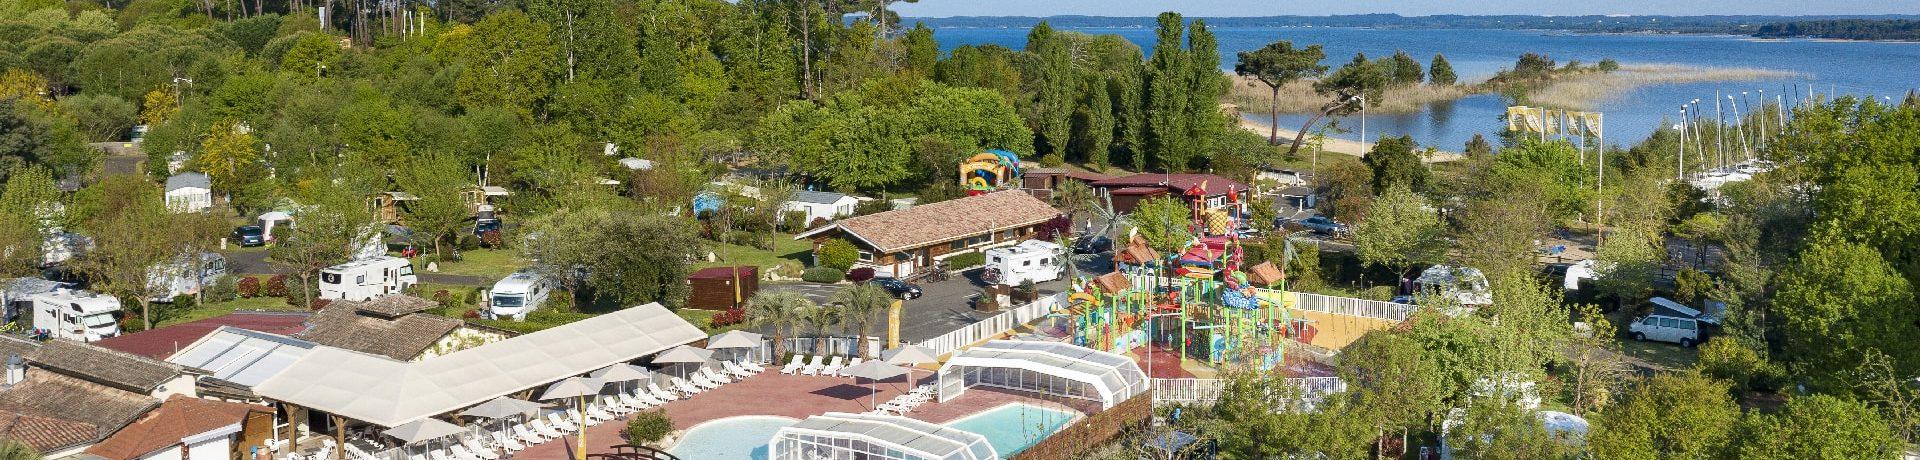 Camping Sandaya Sanguinet Plage in Landes is een luxe 5 sterren camping met een mooi zwembad en aquapark met waterglijbanen in Zuidwest Frankrijk.